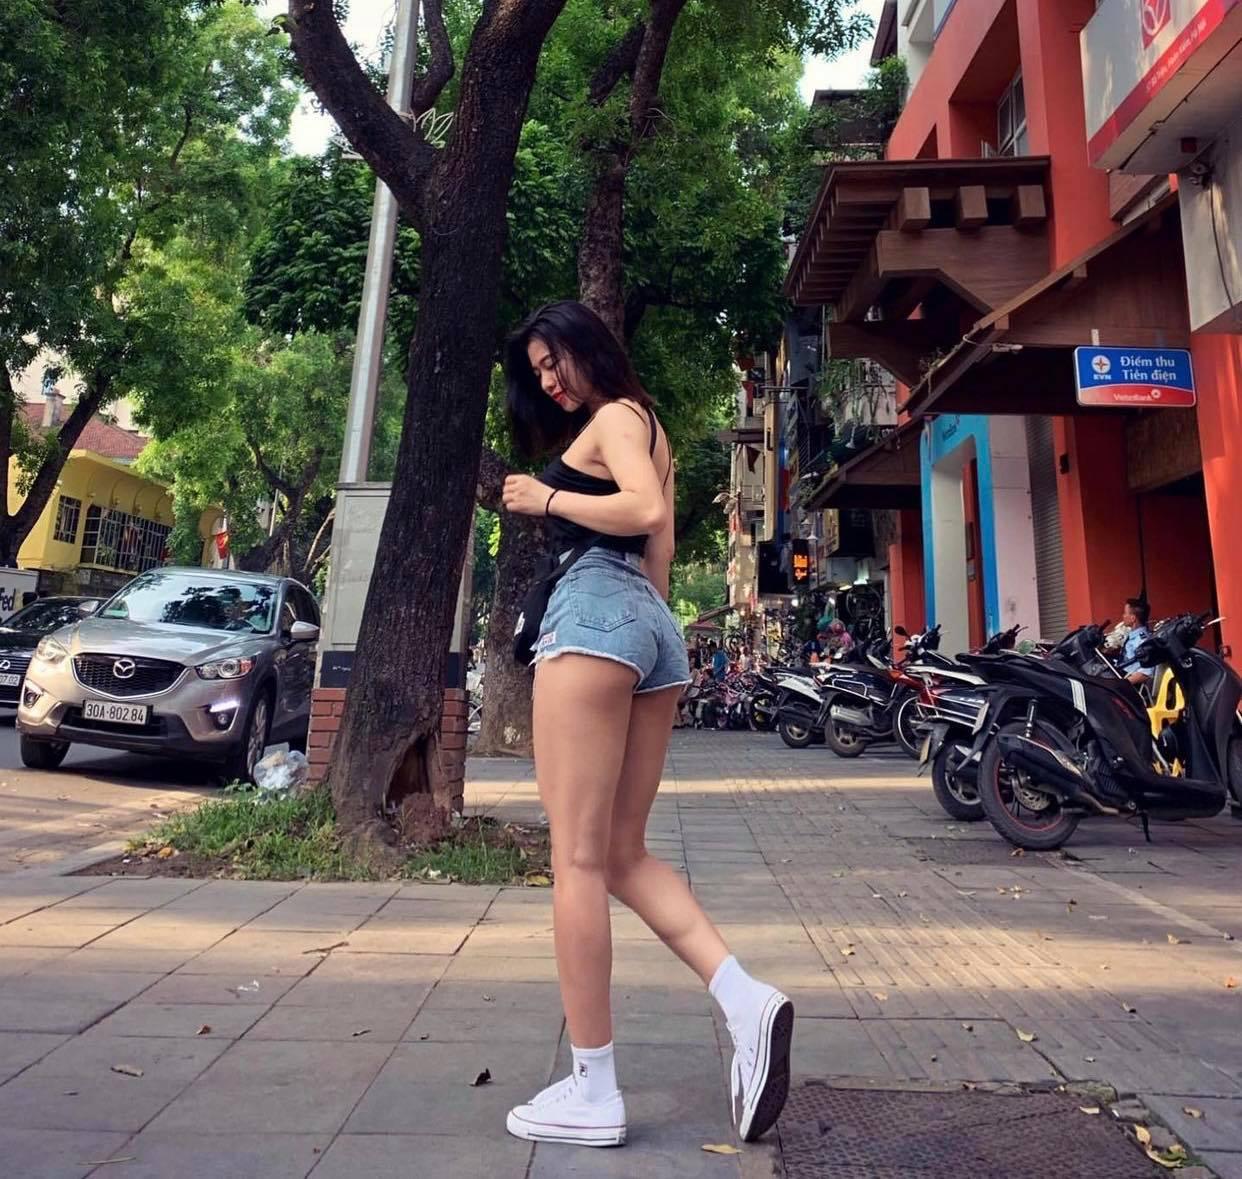 Nữ cổ động viên hot của trận bóng Việt Nam - Malaysia có 3 vòng đẹp vượt trội nhờ gym - 4